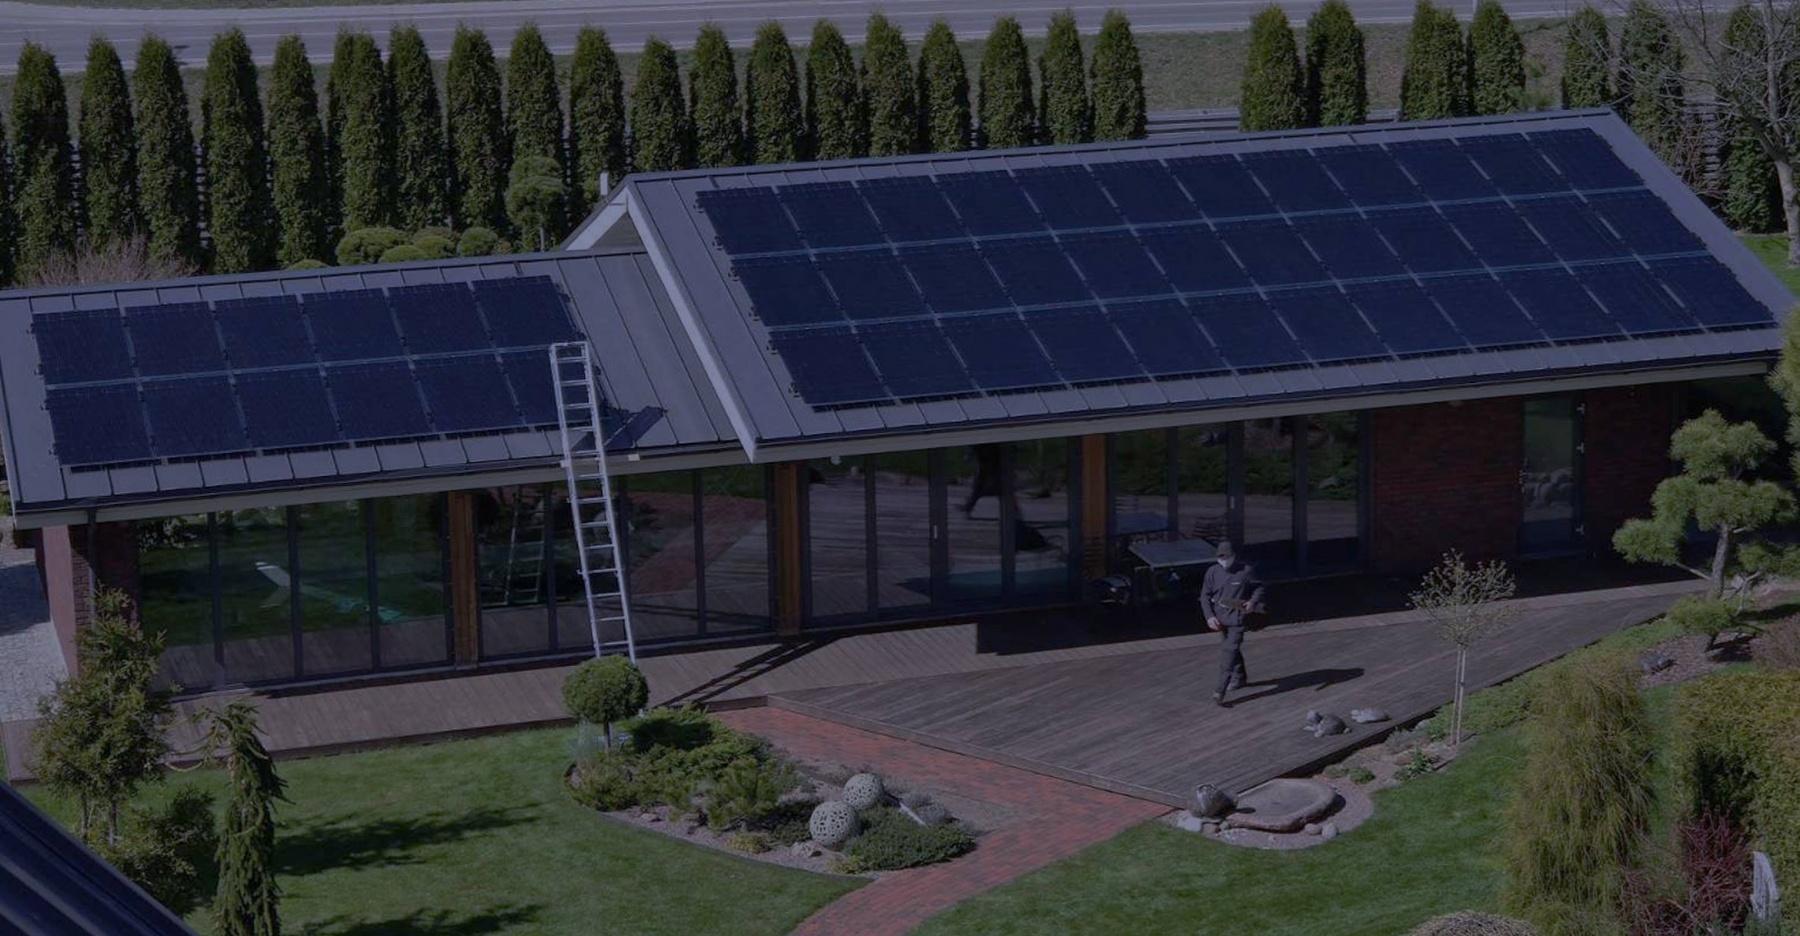 Kokybiškos saulės elektrinės